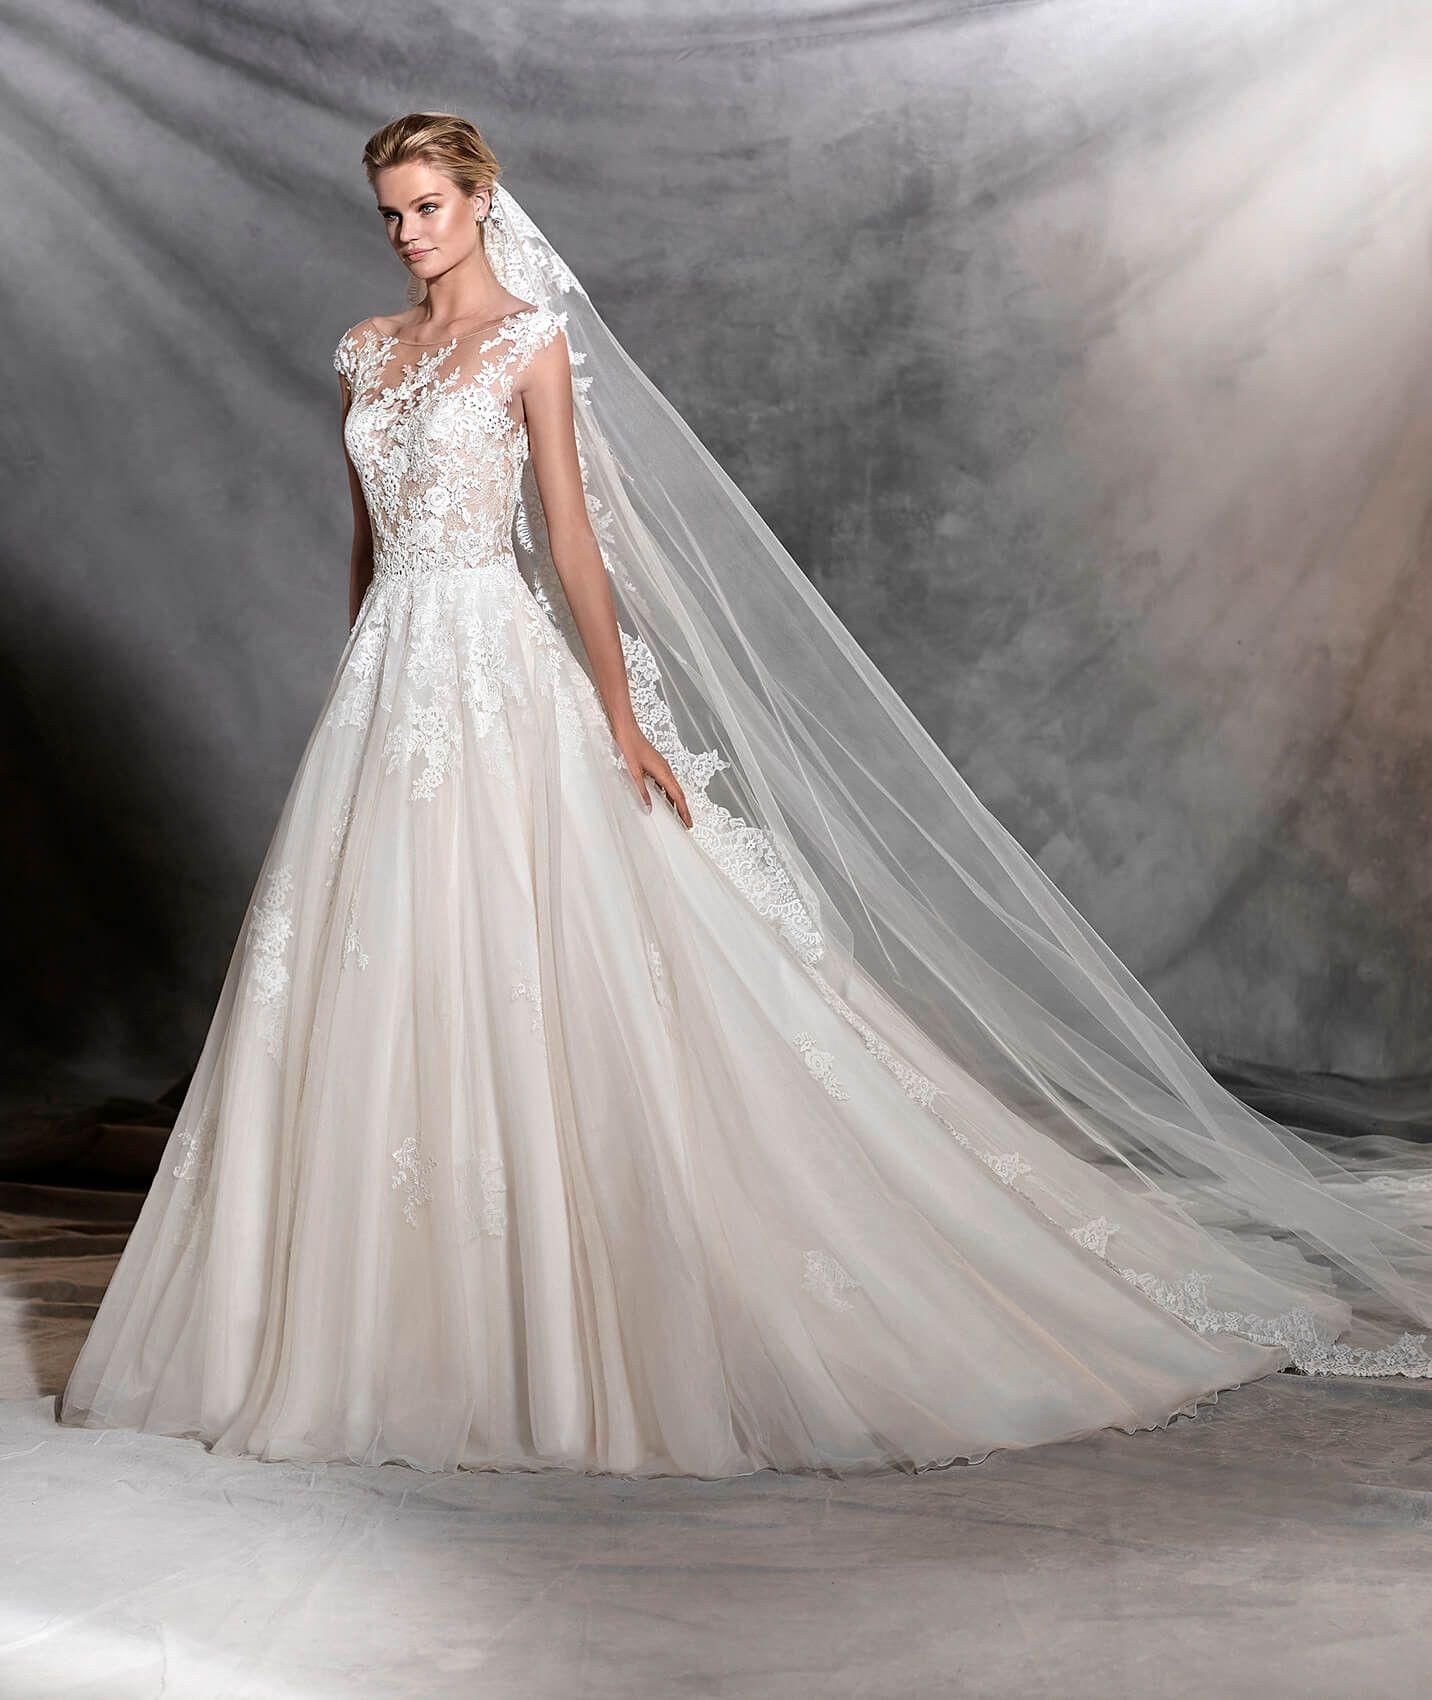 OFELIA Brautkleid im Prinzessin Stil Hochzeit